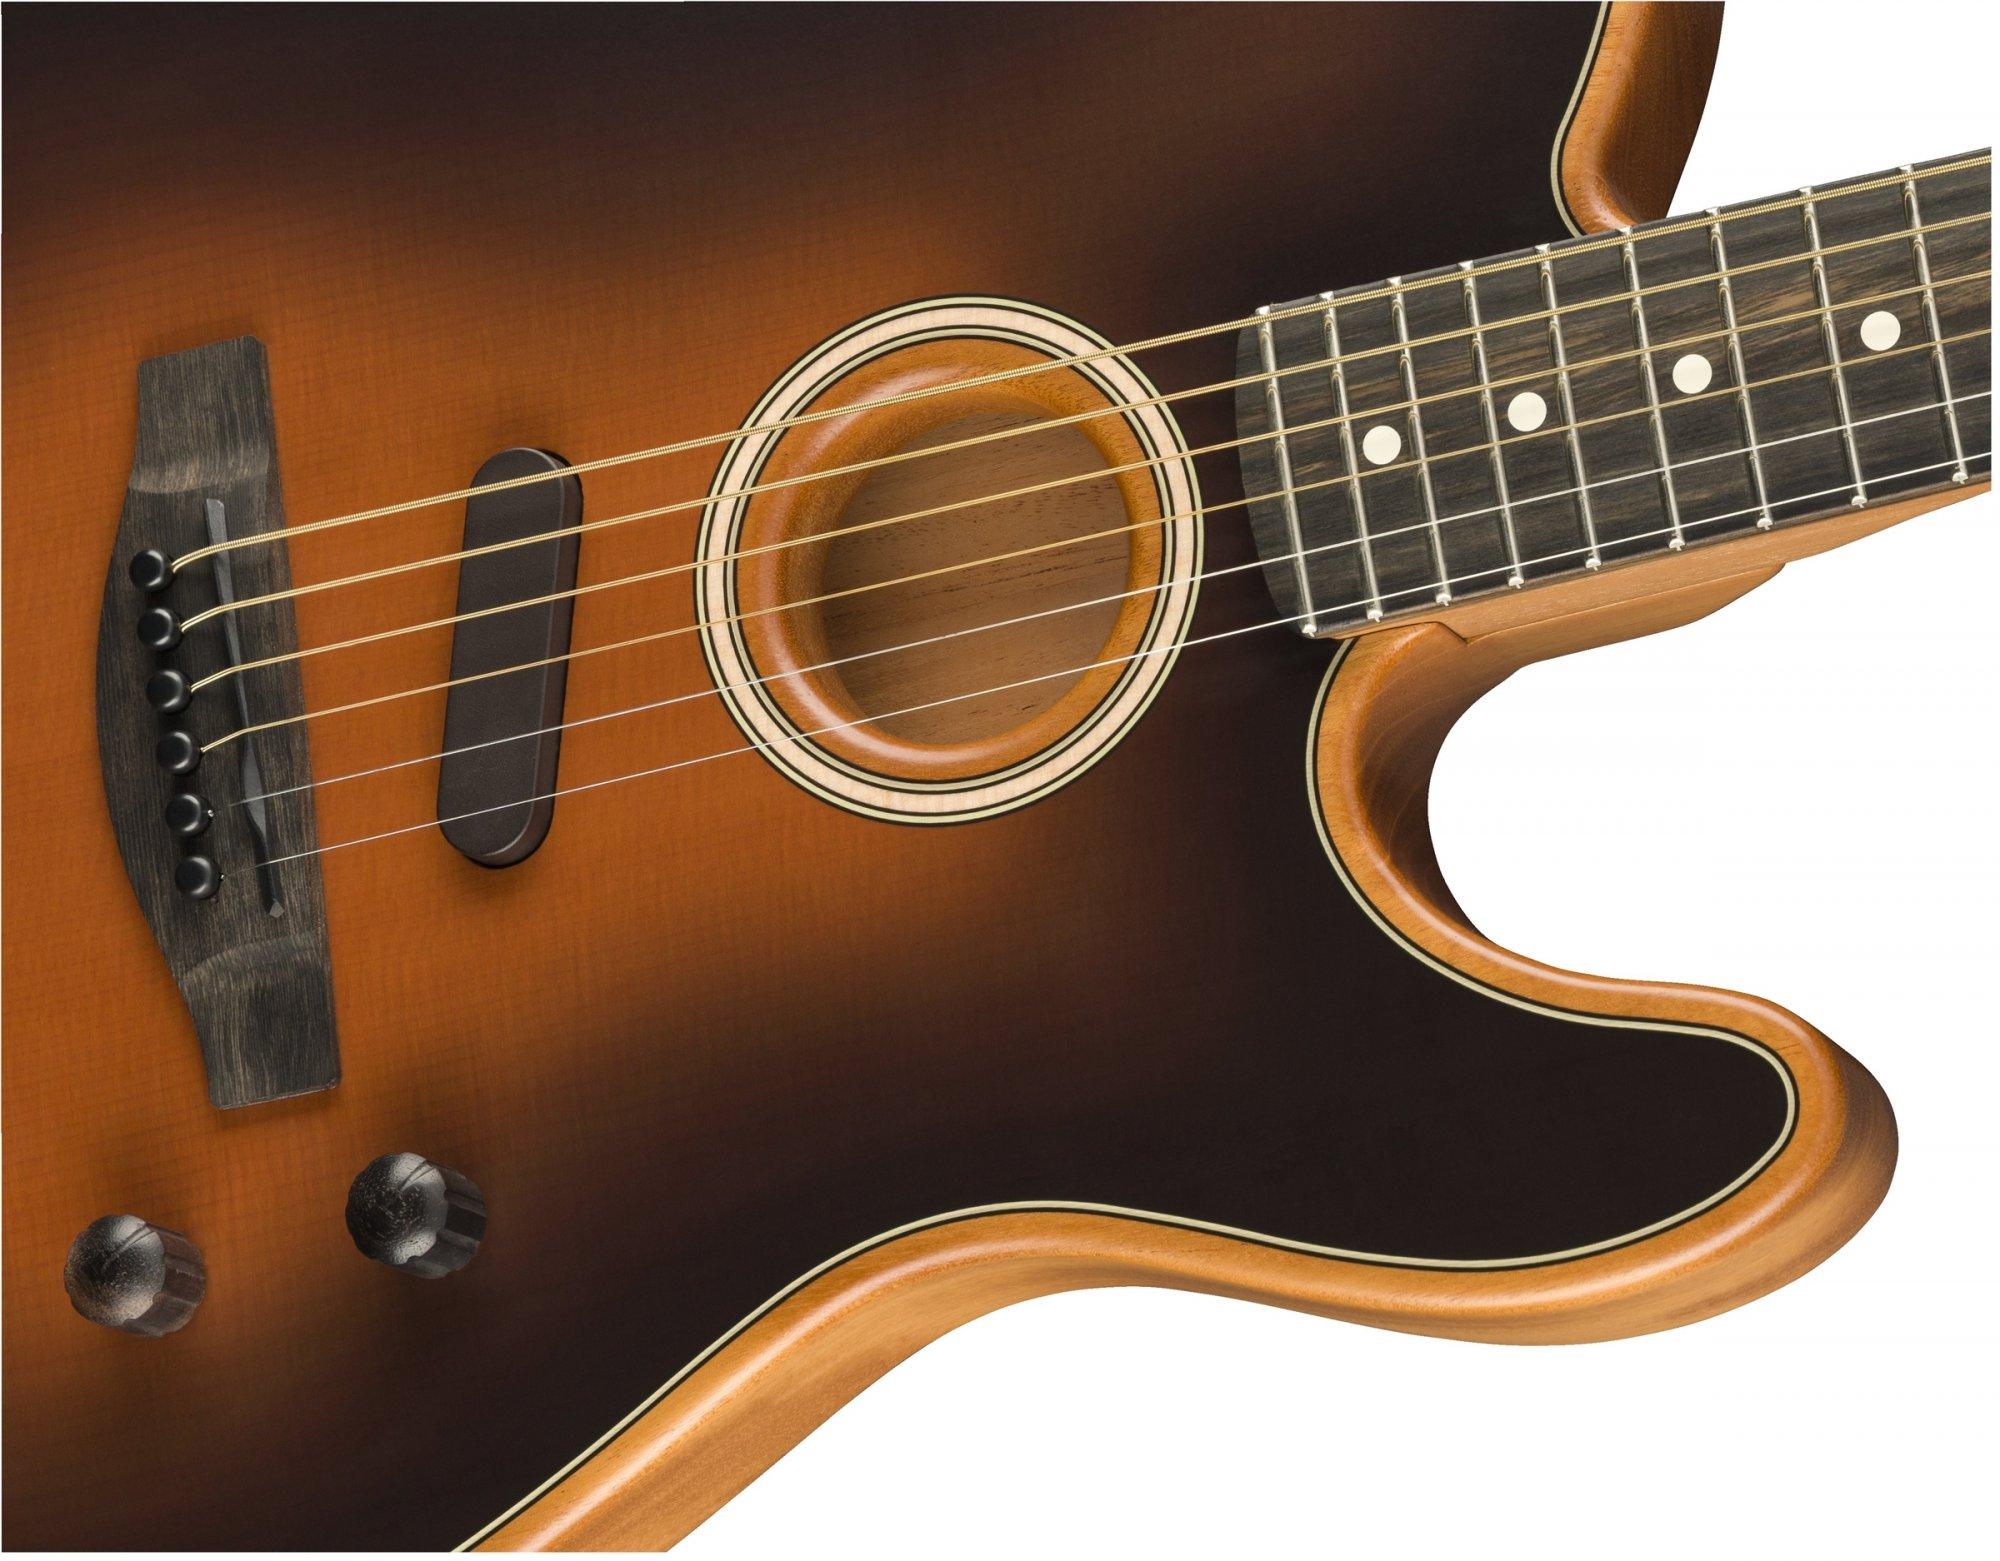 Fender Acoustasonic Telecaster - Sunburst